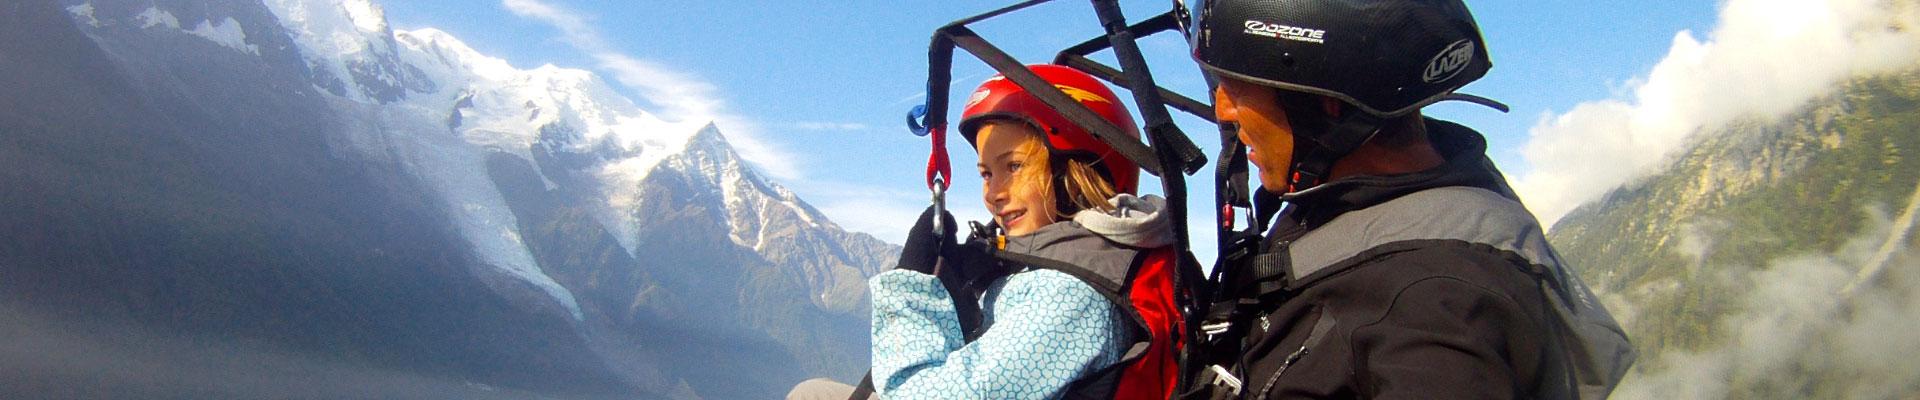 Lancez-vous et faites votre premier vol en parapente biplace à Chamonix !